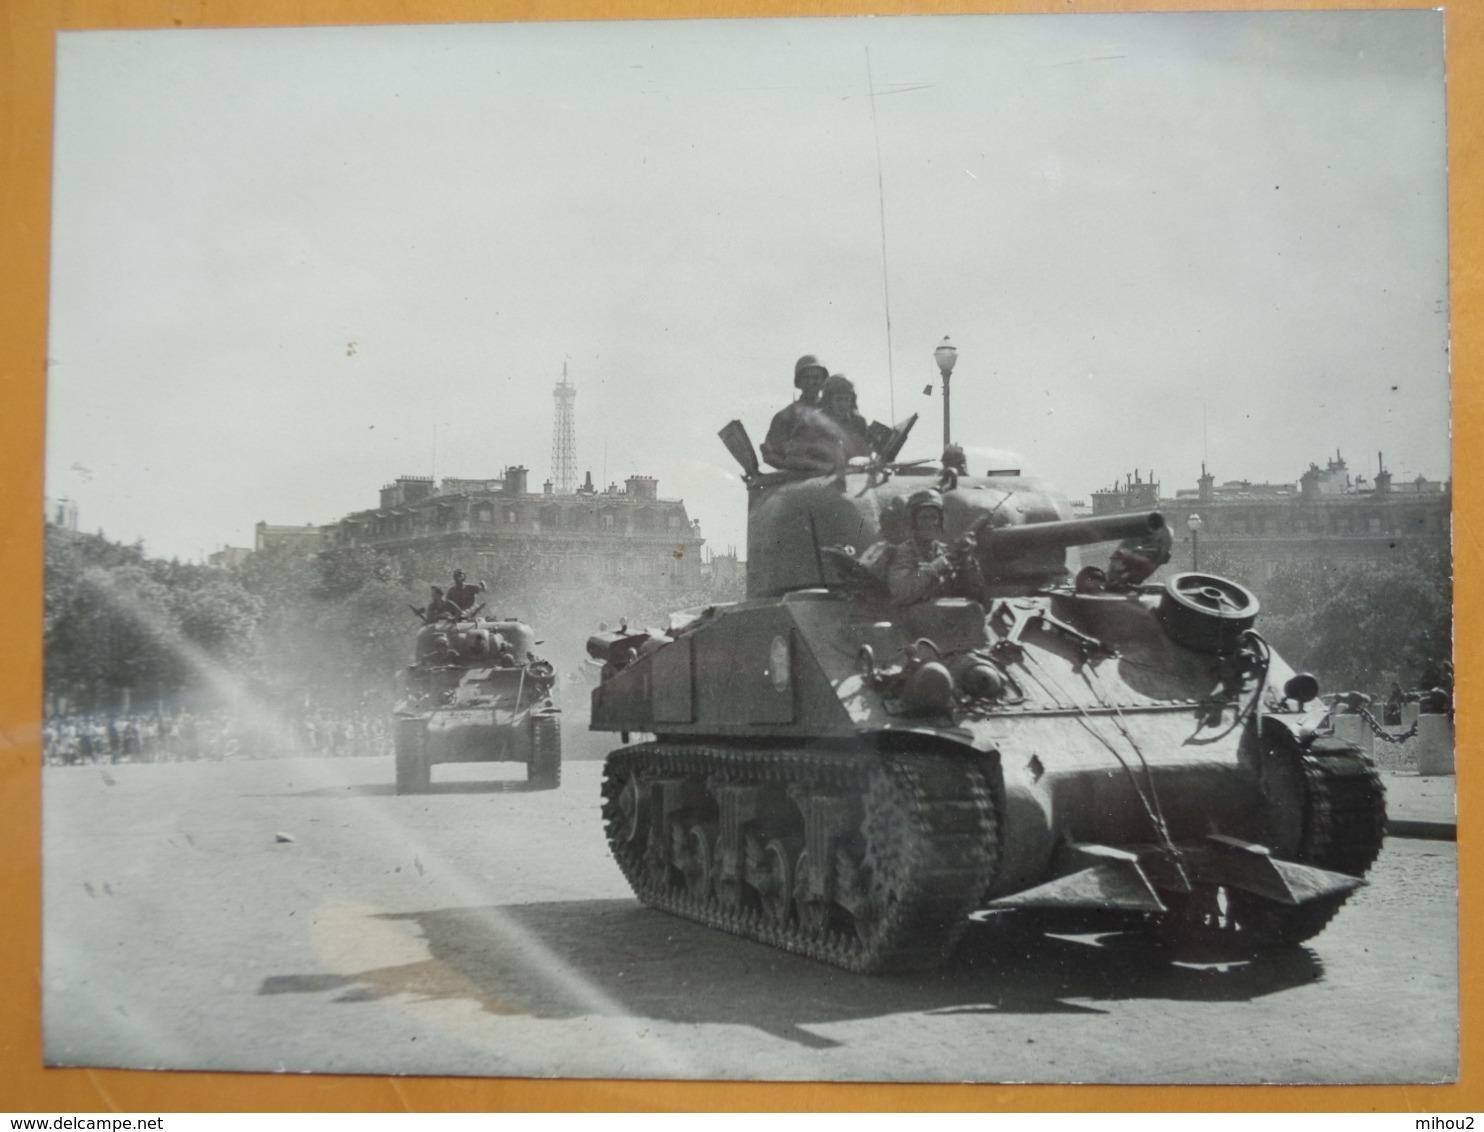 2 CHARS TOUR EIFFEL  LIBERATION DE PARIS GUERRE WW2 PHOTO DE PRESSE 24 X 18 Cm PHOTO PRESSE LIBERATION - Guerre, Militaire